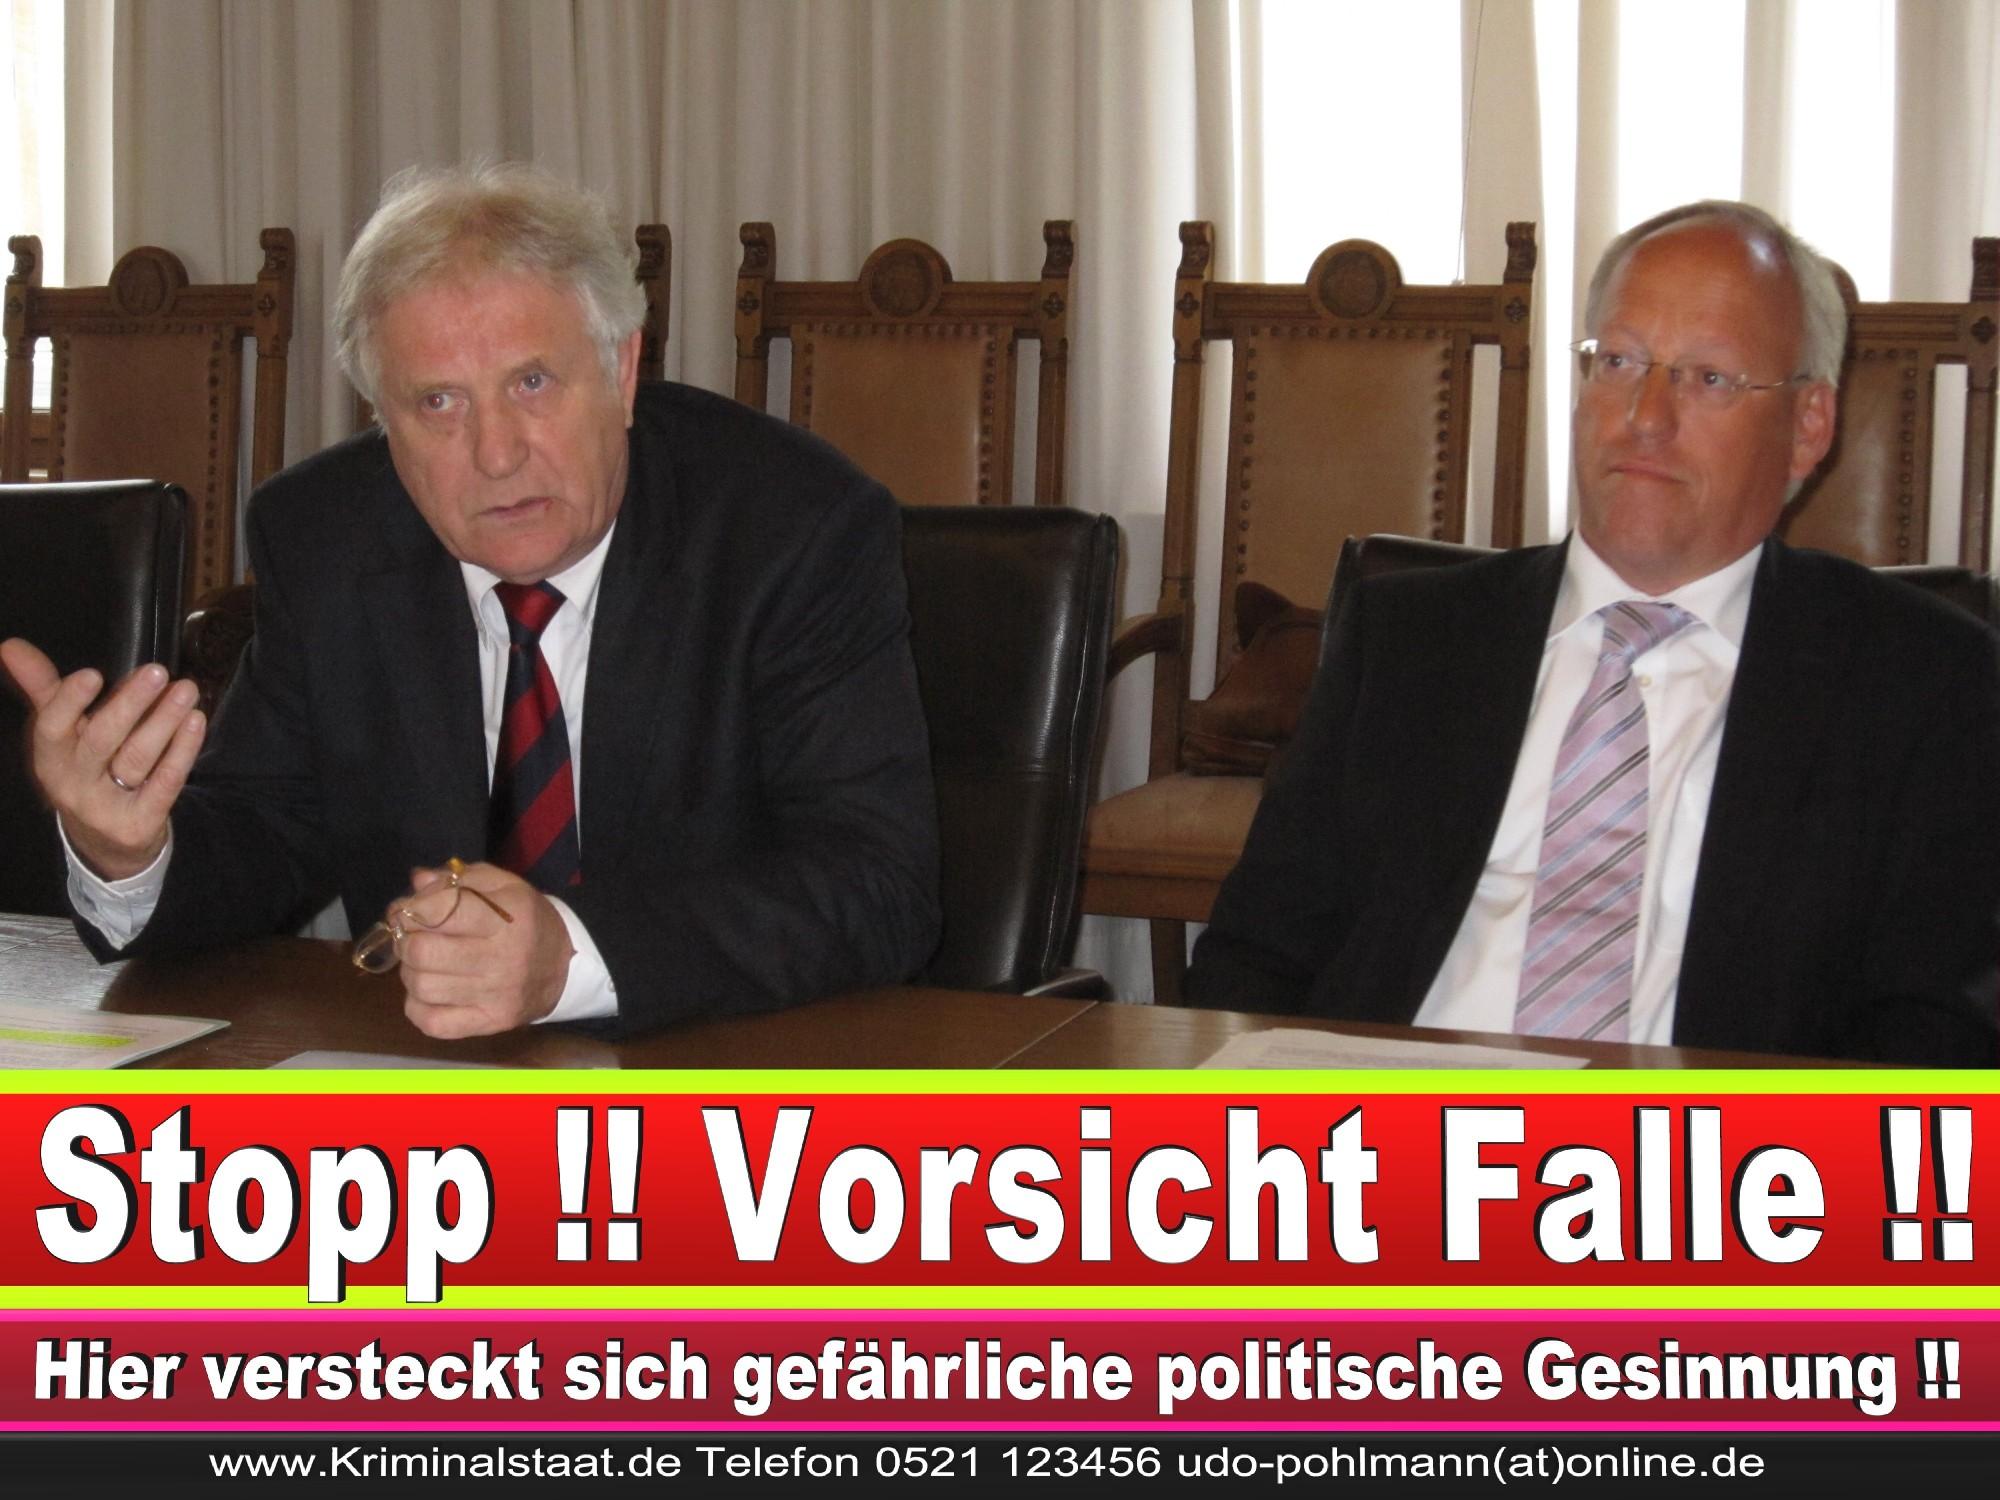 Polizeipräsident Erwin Südfeld Bielefeld Oberbürgermeister Bürgermeister Peter Clausen Pit Clausen Bielefeld (24)